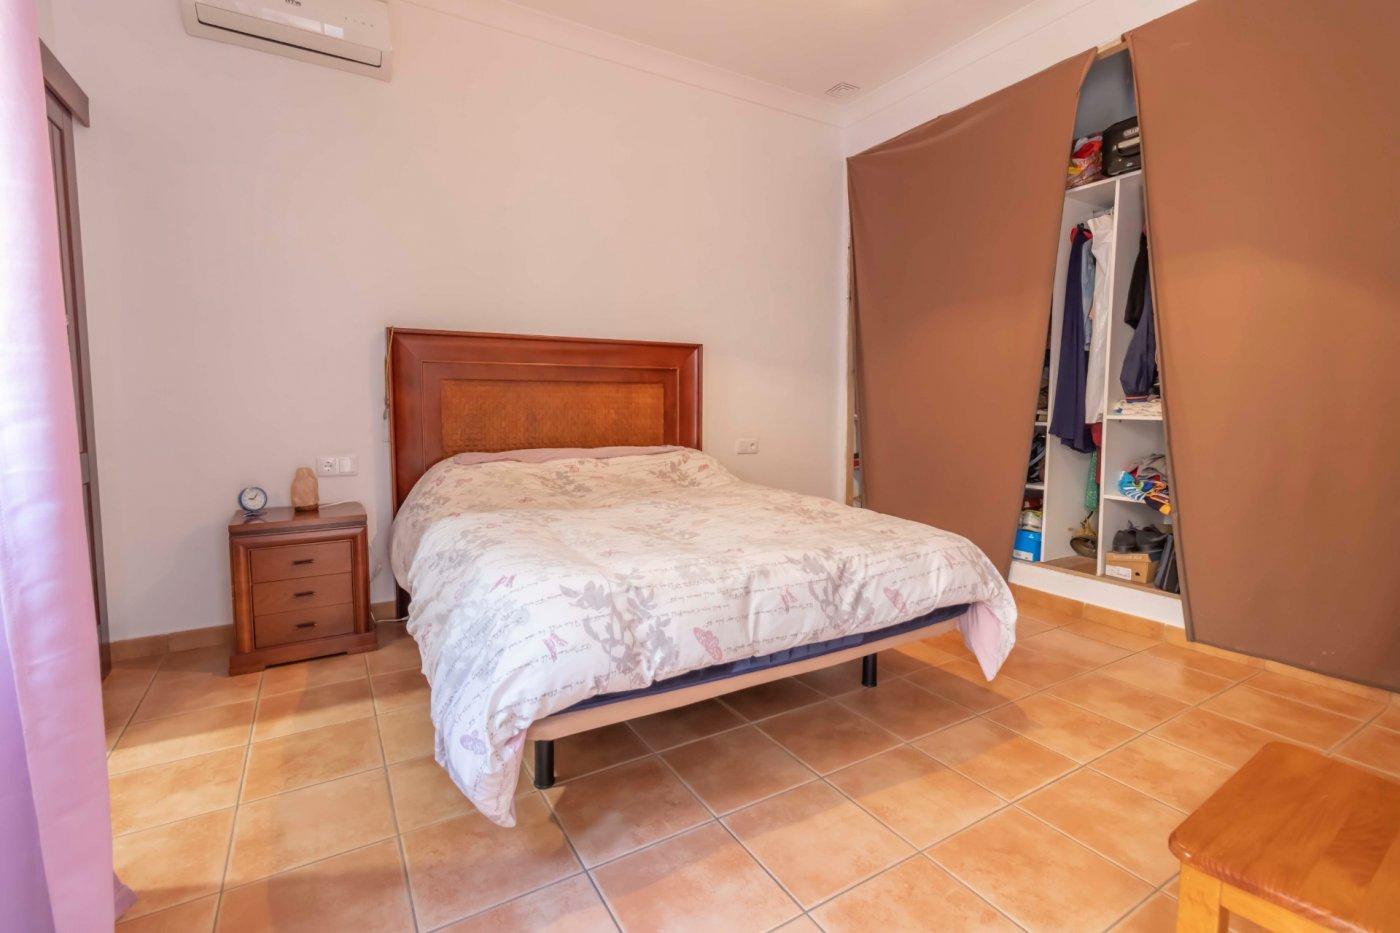 Casa de reciente construccion a la venta en carmona - imagenInmueble11